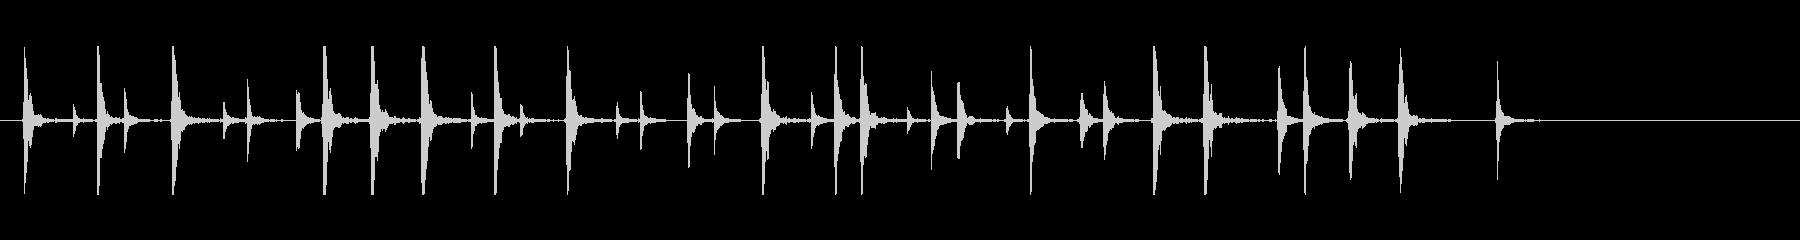 鼓7コミカル一調2和風歌舞伎アジアンイヨの未再生の波形